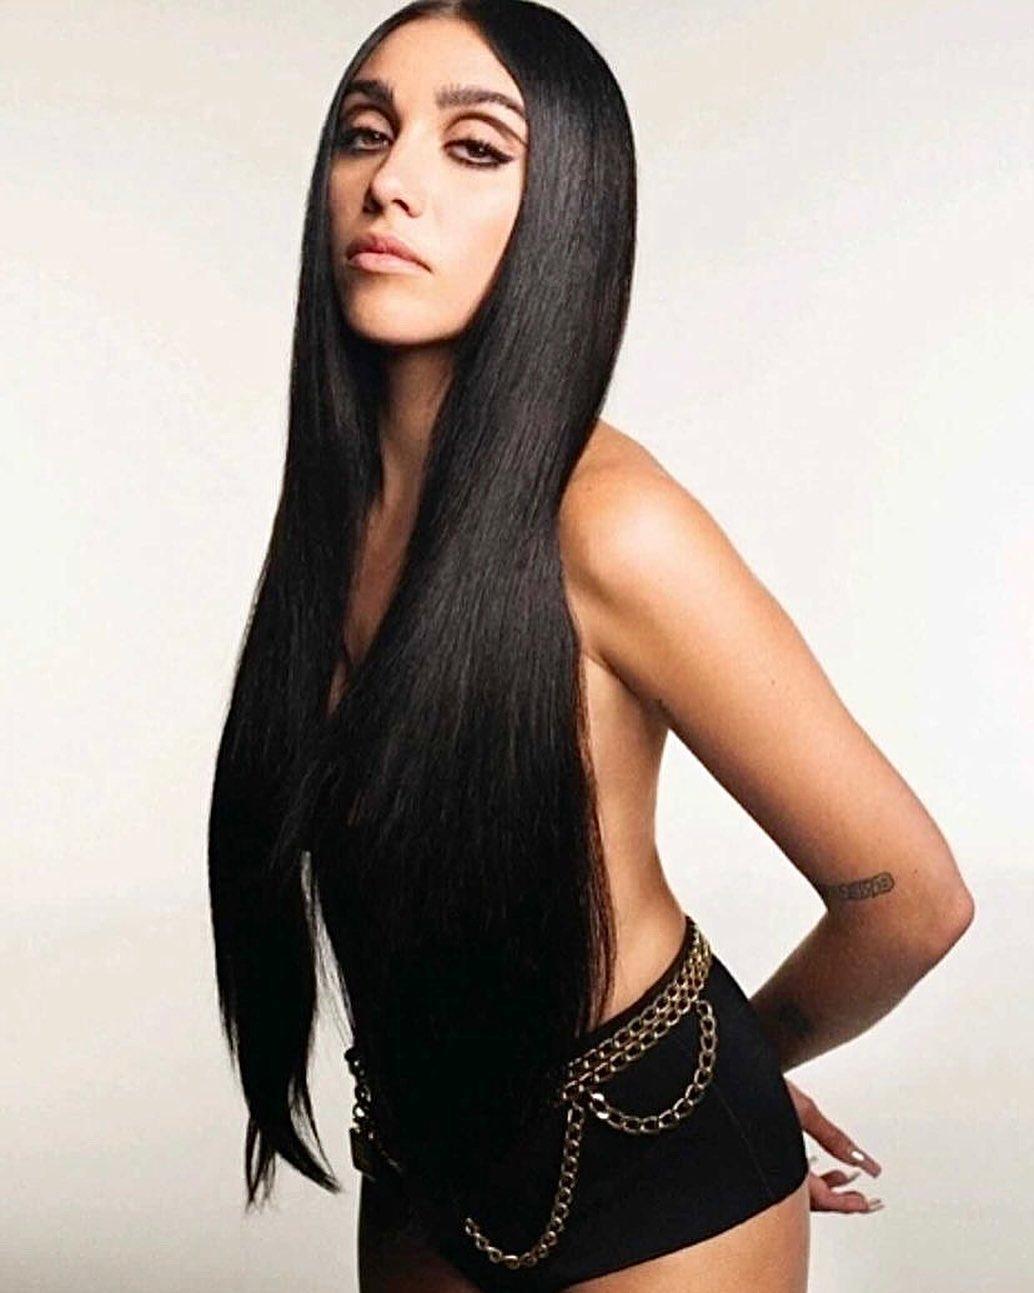 Дочь Мадонны Лурдес Леон снялась для Vogue (ФОТО) - фото №3